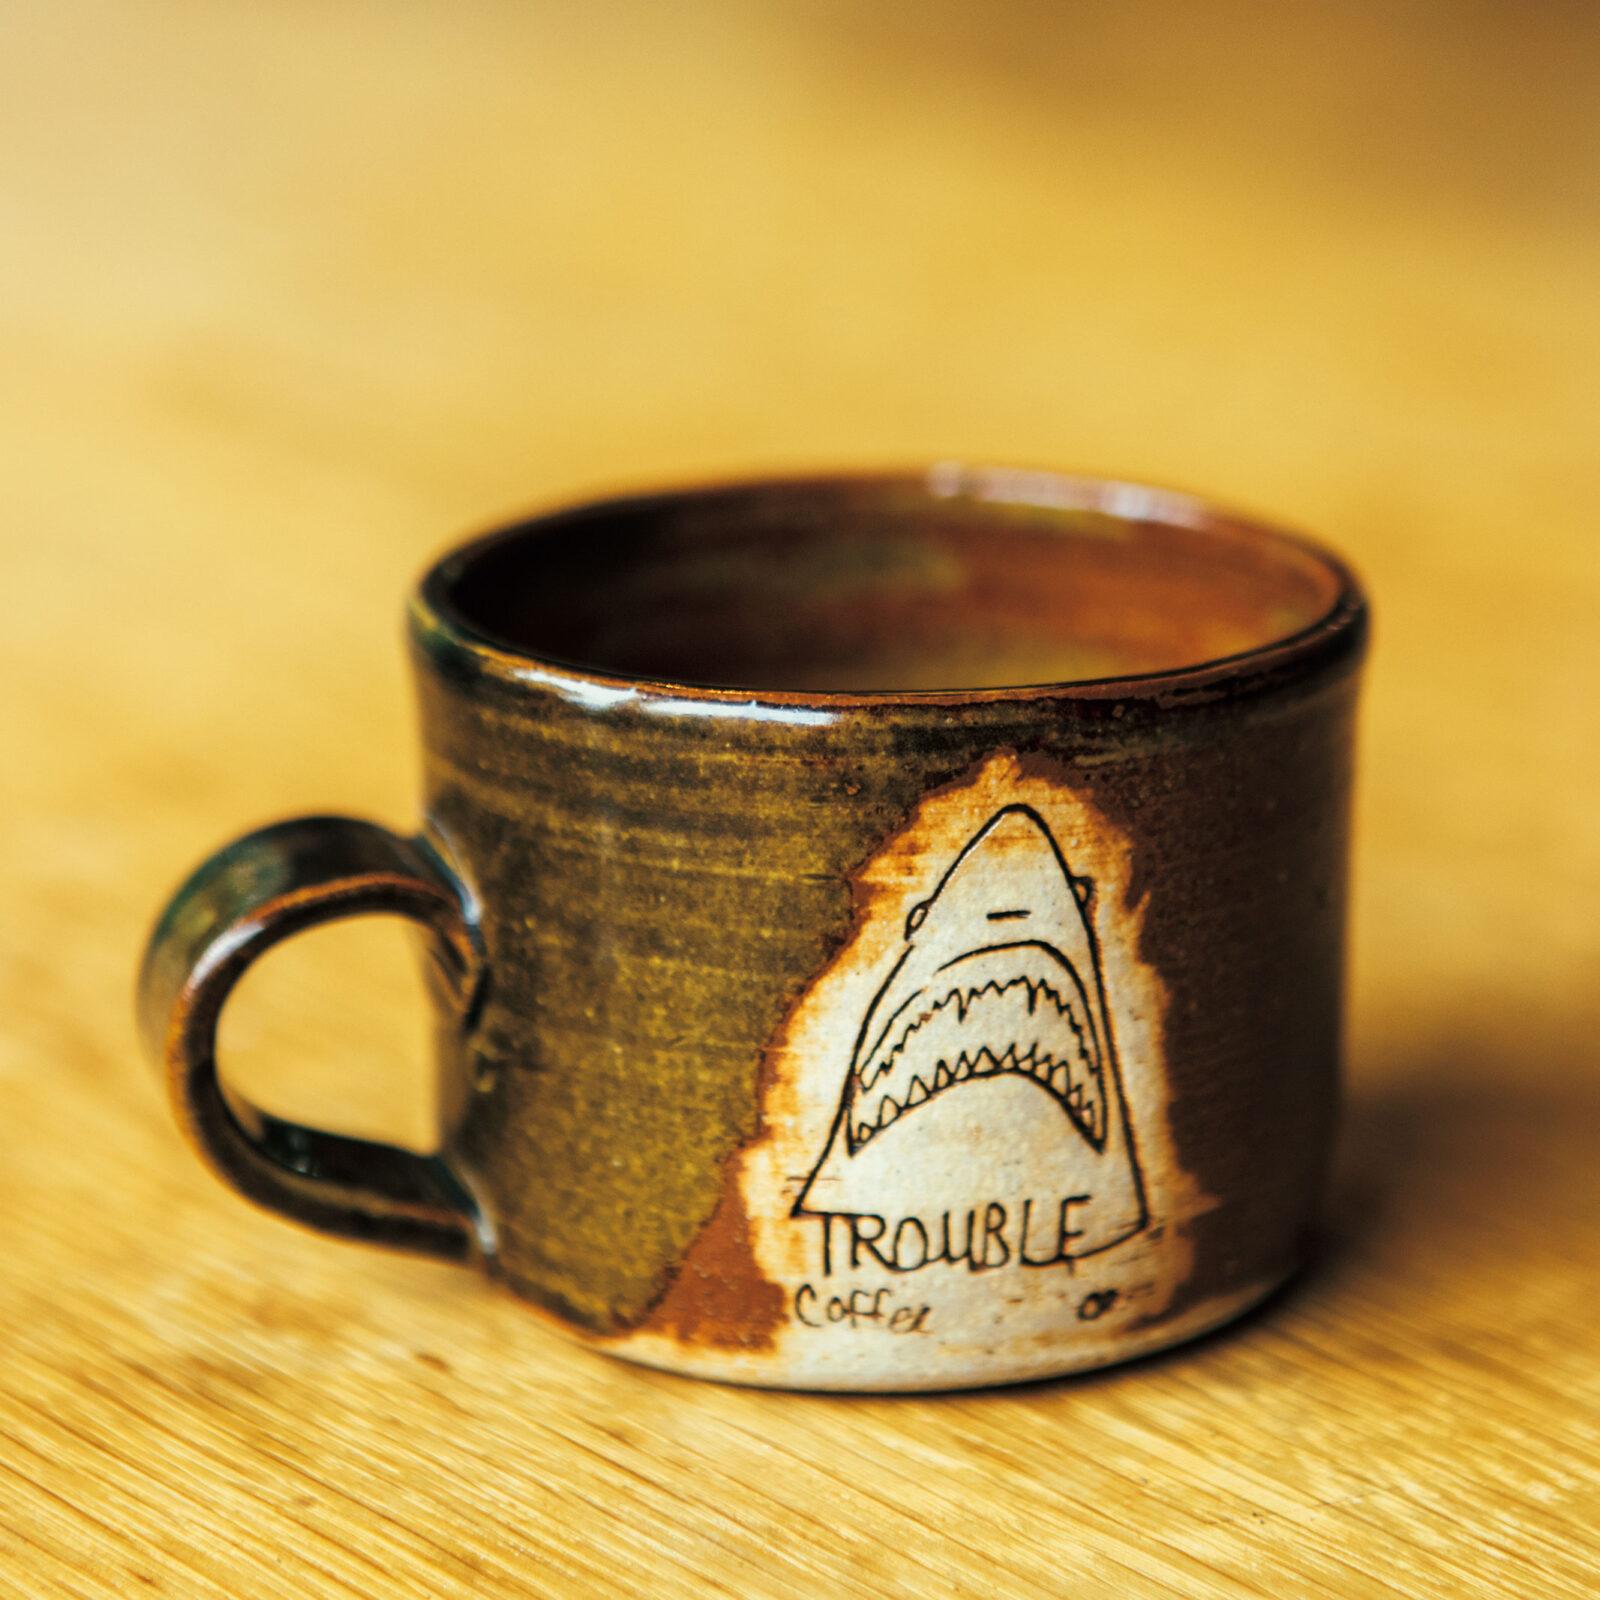 ジェリー鵜飼(アートディレクター)サンフランシスコの〈トラブルコーヒー〉に立ち寄ったら、必ず新作のマグを買ってしまう。これでコーヒーを飲みながら看板メニューのシナモントーストに思いを馳せるのです。